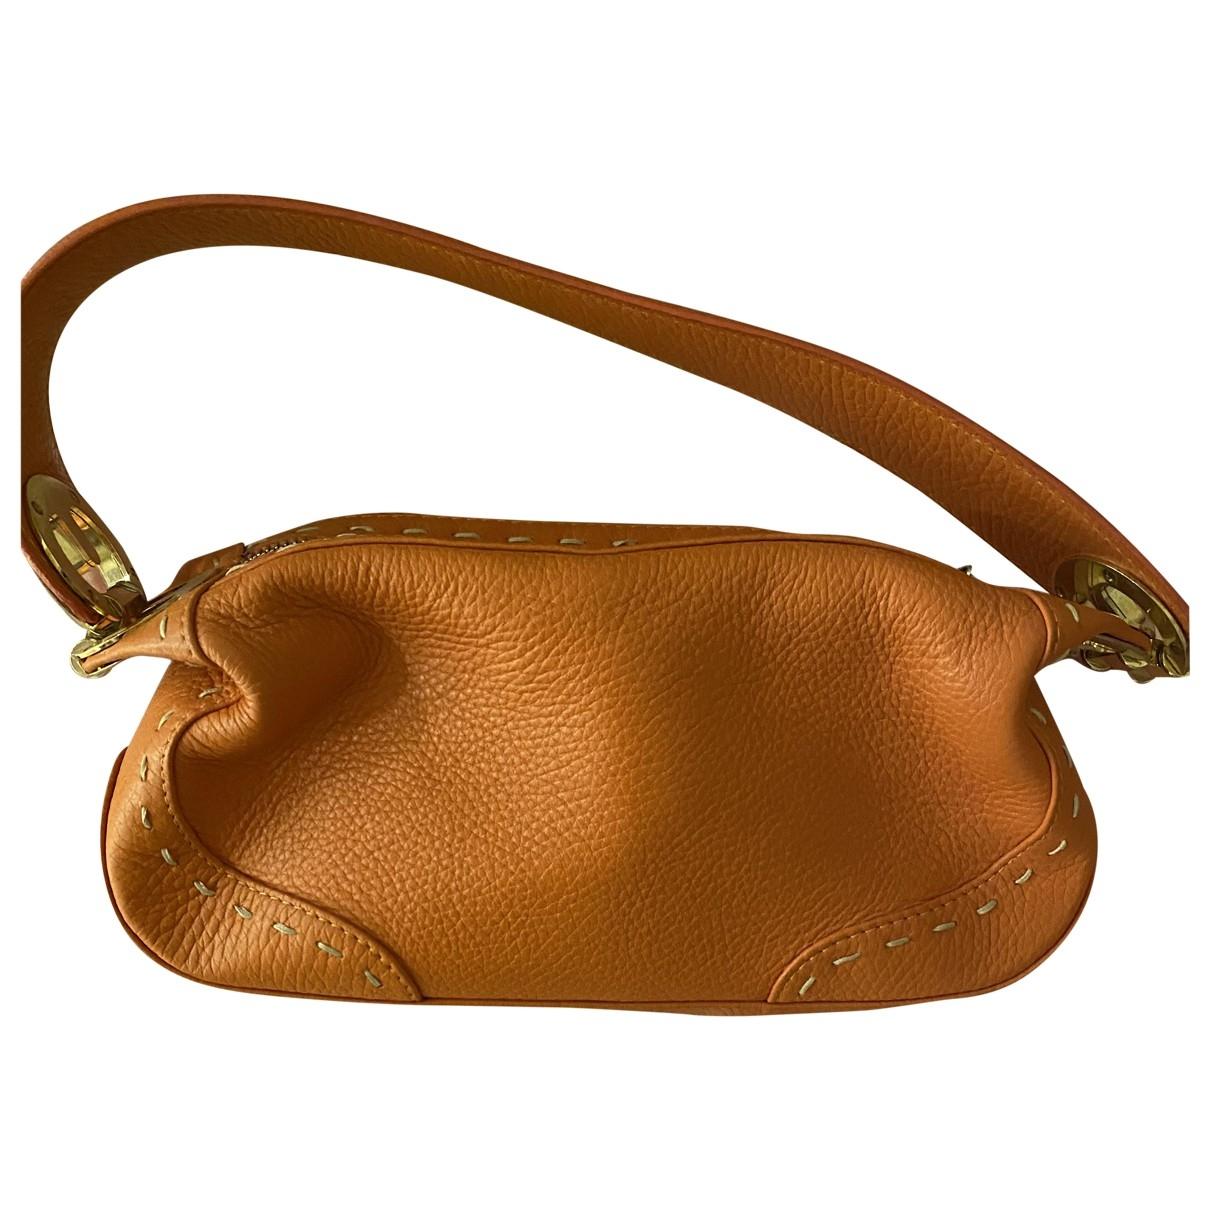 Escada \N Orange Leather handbag for Women \N